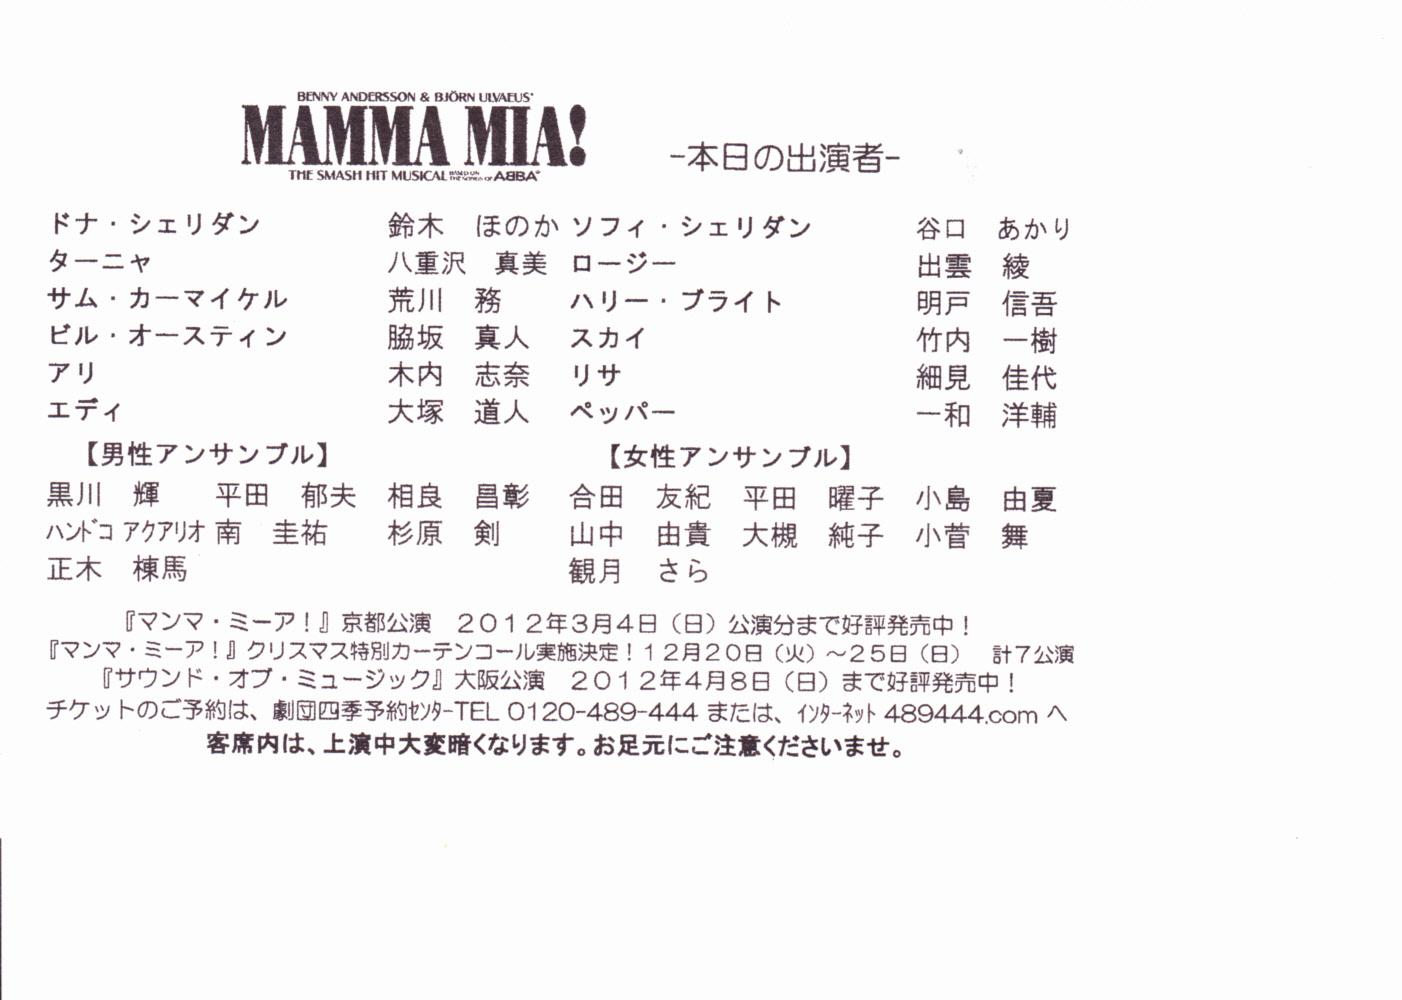 マンマミヤ  スーパートゥルーパー と ウィナー_a0194908_2321512.jpg